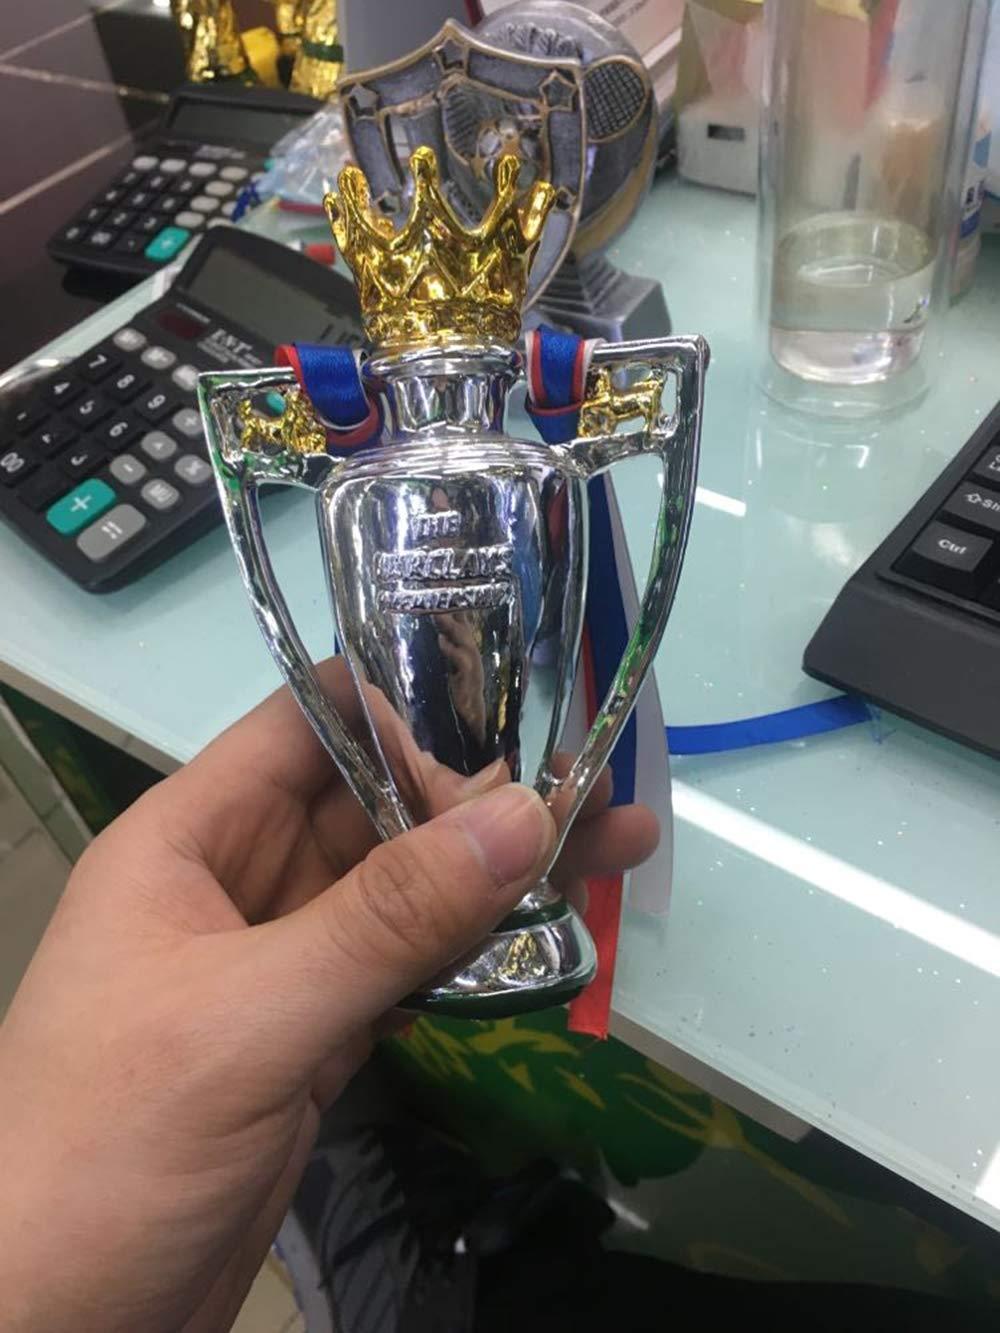 Imprimable sur Mesure Gratuite,XXL Troph/ée de la Premier League Troph/ée de la Ligue des Champions Chelsea Barclays Cup Troph/ée de Football de la Ligue des Champions 2018